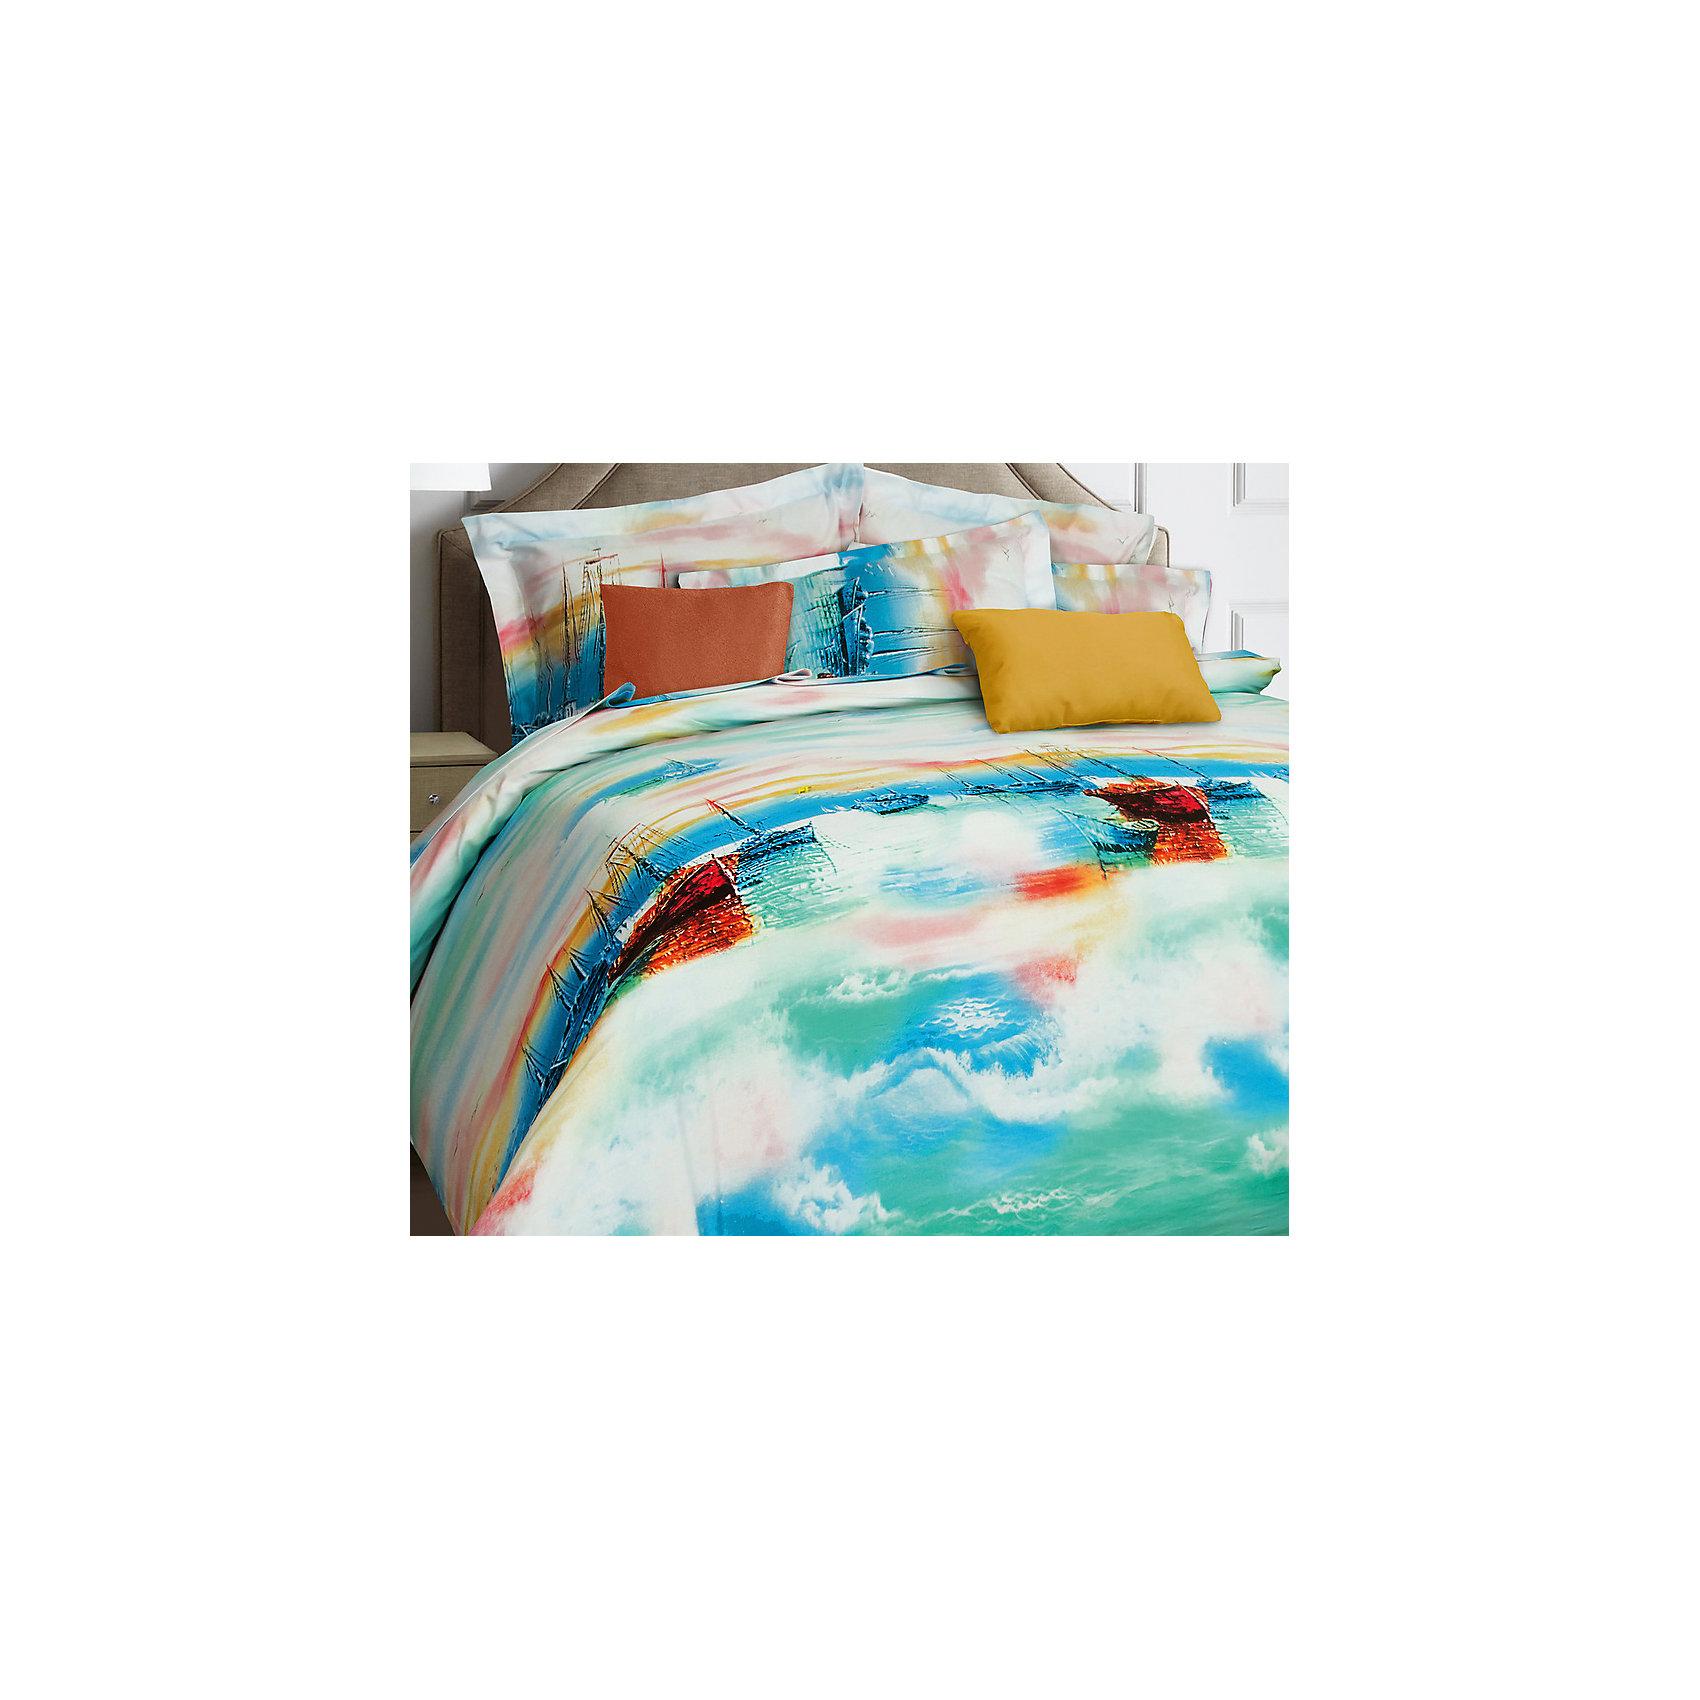 Постельное белье King size Baltika, 50*70 70*70, Mona LizaДомашний текстиль<br>Характеристики:<br><br>• Вид домашнего текстиля: постельное белье<br>• Тип постельного белья по размерам: King size<br>• Серия: Mona Liza Premium<br>• Сезон: круглый год<br>• Материал: сатин <br>• Цвет: белый, оранжевый, голубой, цвет морской волны<br>• Комплектация: <br> пододеяльник – 1 шт. 200*220 см <br> простынь – 1 шт. 240*260 см<br> наволочки – 4 шт. (2 шт. 70*70 см и 2 шт. 50*70 см)<br>• Тип упаковки: книжка <br>• Вес в упаковке: 3 кг 100 г<br>• Особенности ухода: машинная стирка при температуре 30 градусов<br><br>Постельное белье King size Baltika 50*70 70*70 сатин, Mona Liza изготовлено под отечественным торговым брендом, выпускающим постельное белье из натуральных тканей. Комплект выполнен из сатина, обладающего особой мягкостью, шелковистостью поверхности, хорошими износоустойчивыми свойствами. Изделия из сатина очень долгое время сохраняютформу и фактуру даже при частых стирках. Комплектсостоит из 6-ти предметов: простыни, пододеяльника и четырех наволочек. Комплект выполнен в стильном дизайне с изображением морского пейзажа.<br>Постельное белье King size Baltika 50*70 70*70 сатин, Mona Liza – домашний текстиль, соответствующий международным стандартам качества и безопасности!<br><br>Постельное белье King size Baltika 50*70 70*70 сатин, Mona Liza можно купить в нашем интернет-магазине.<br><br>Ширина мм: 290<br>Глубина мм: 90<br>Высота мм: 370<br>Вес г: 3000<br>Возраст от месяцев: 84<br>Возраст до месяцев: 1188<br>Пол: Унисекс<br>Возраст: Детский<br>SKU: 5165659